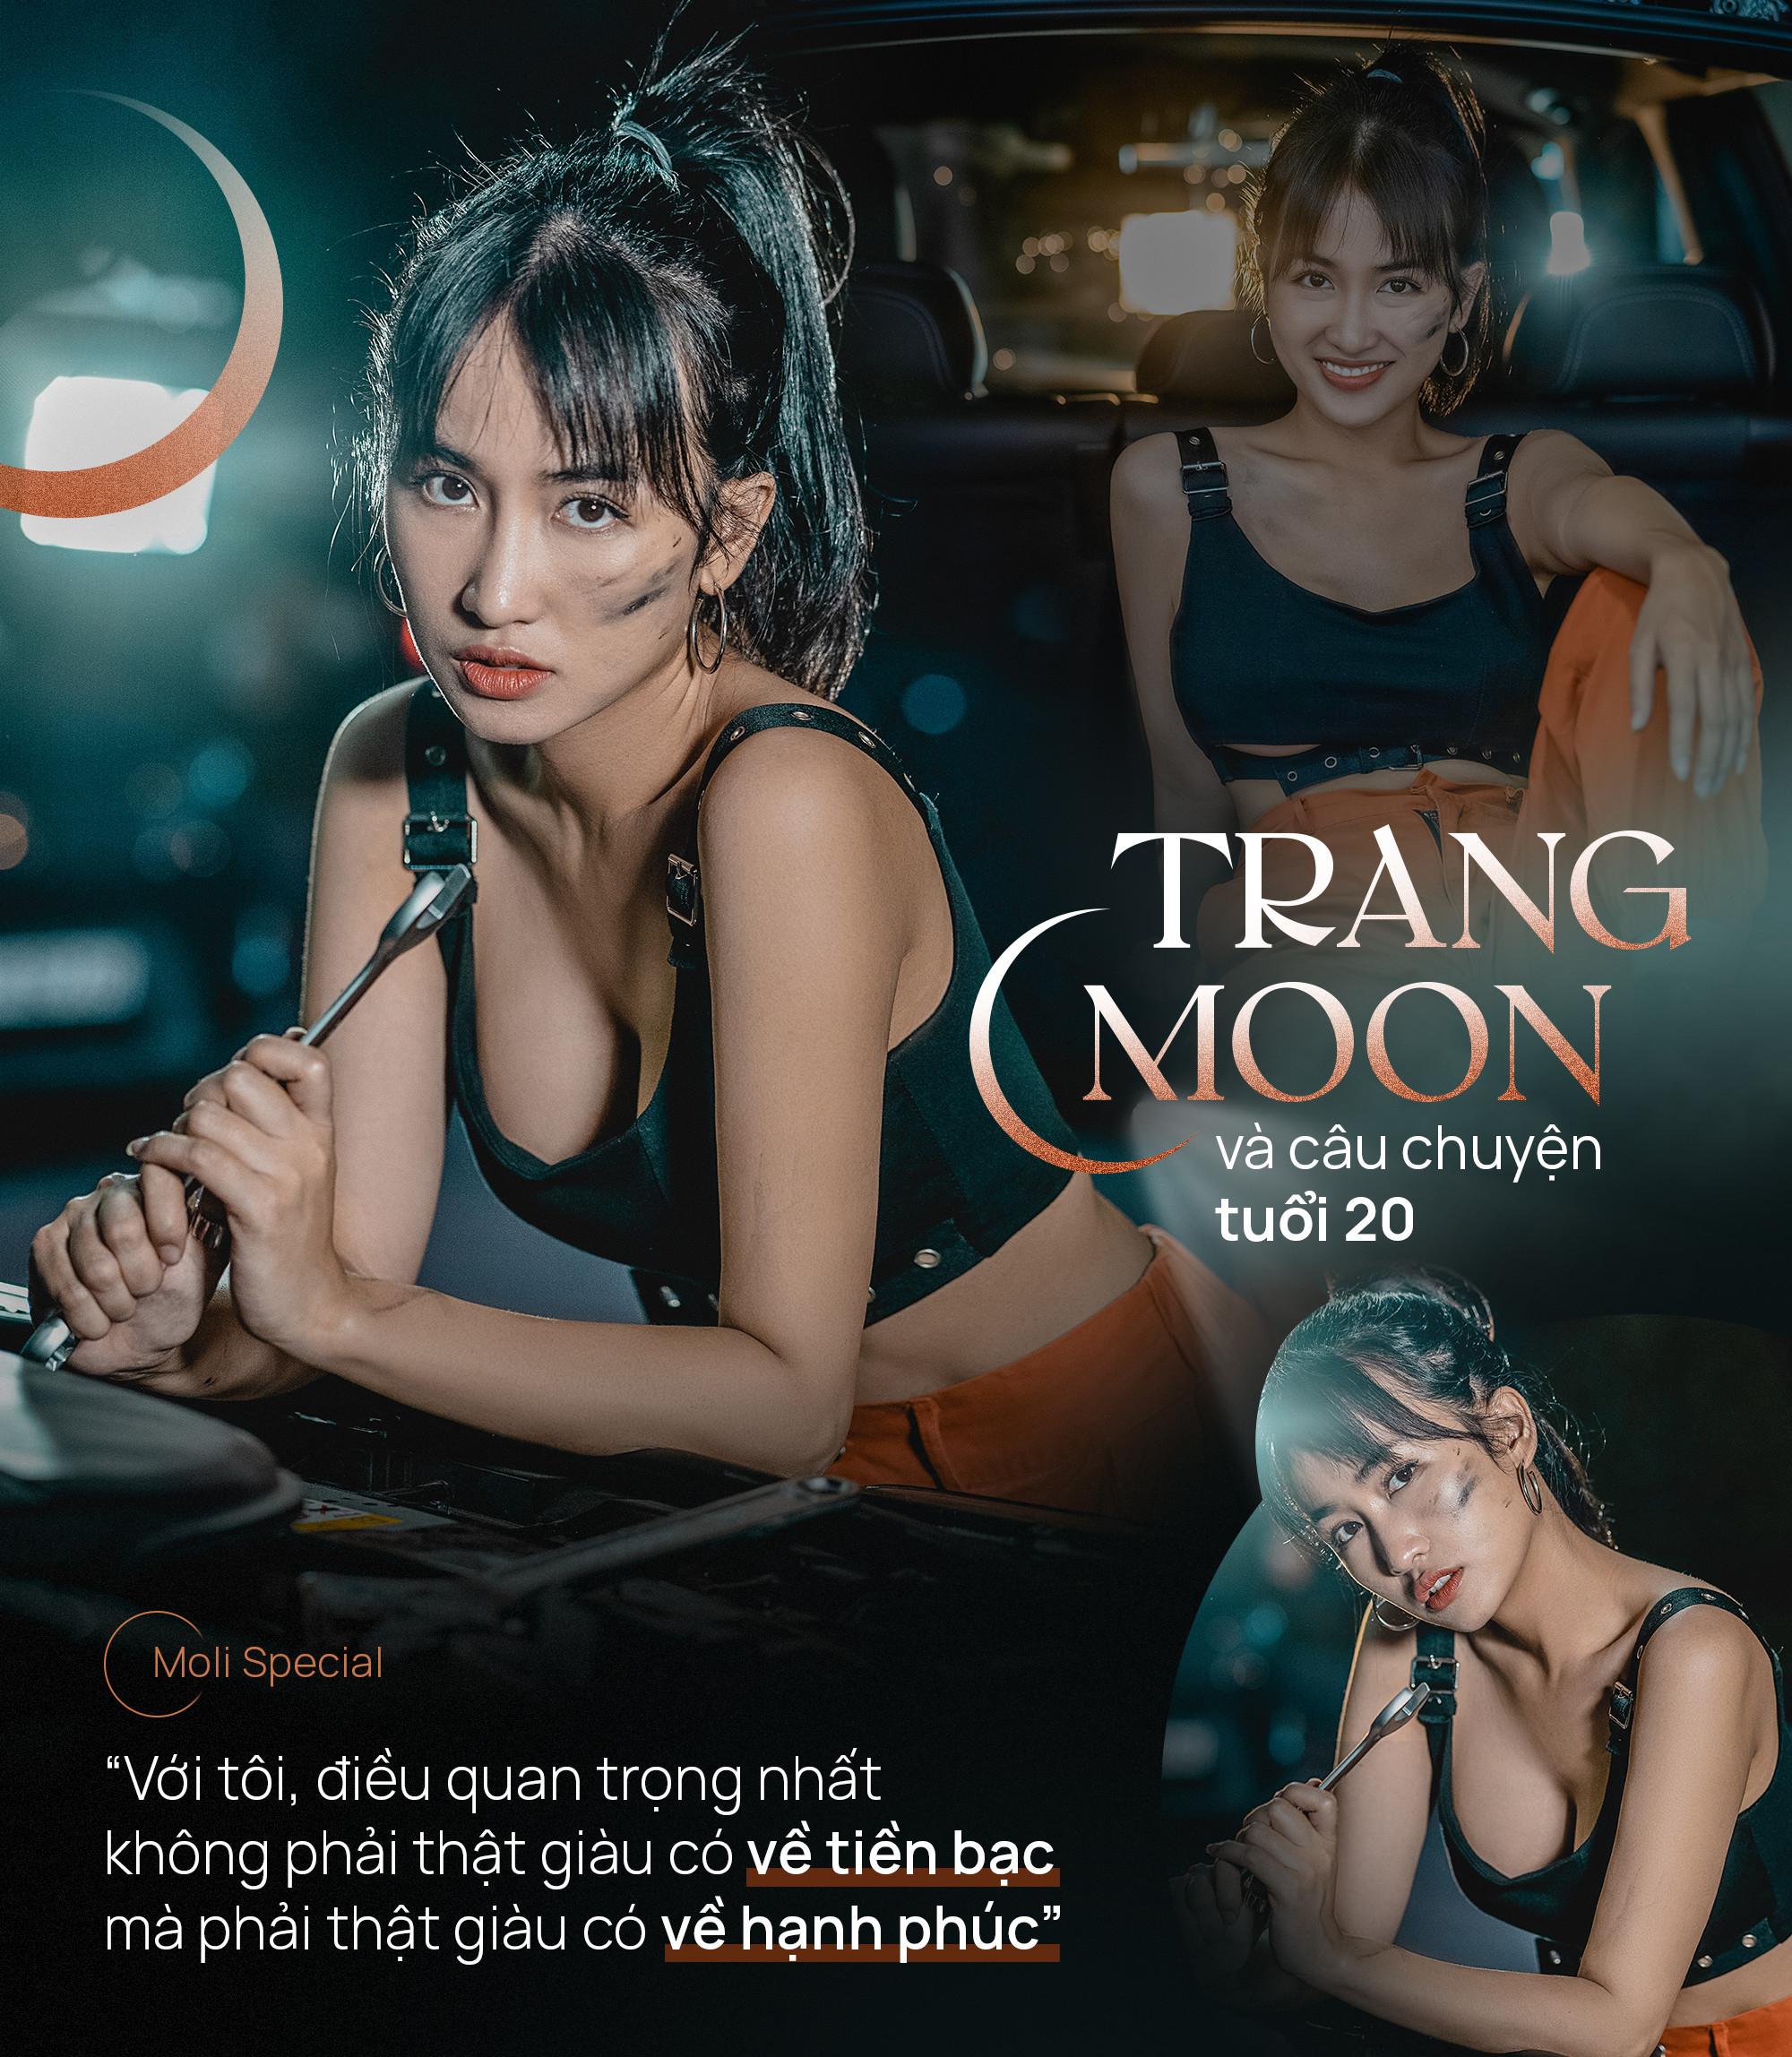 Trang Moon và câu chuyện tuổi 20